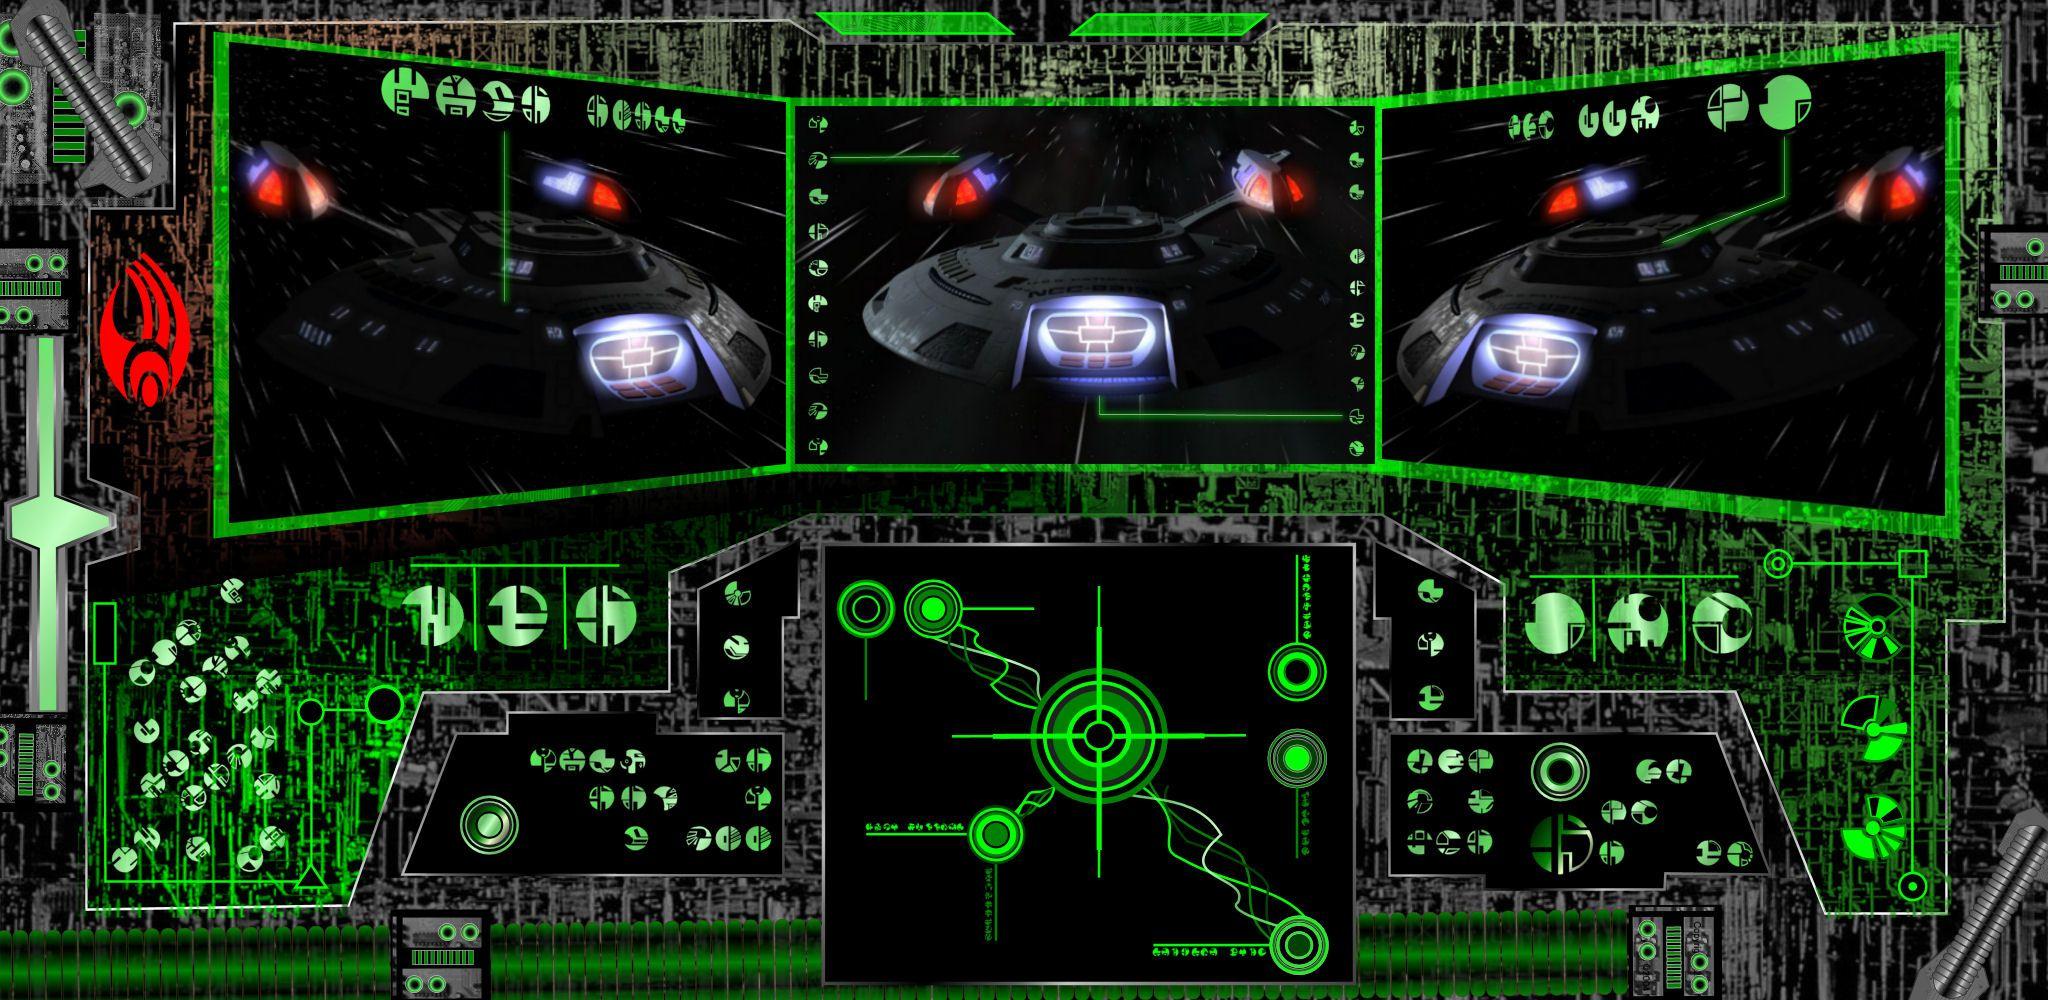 Borg Sci Fi Live Wallpaper